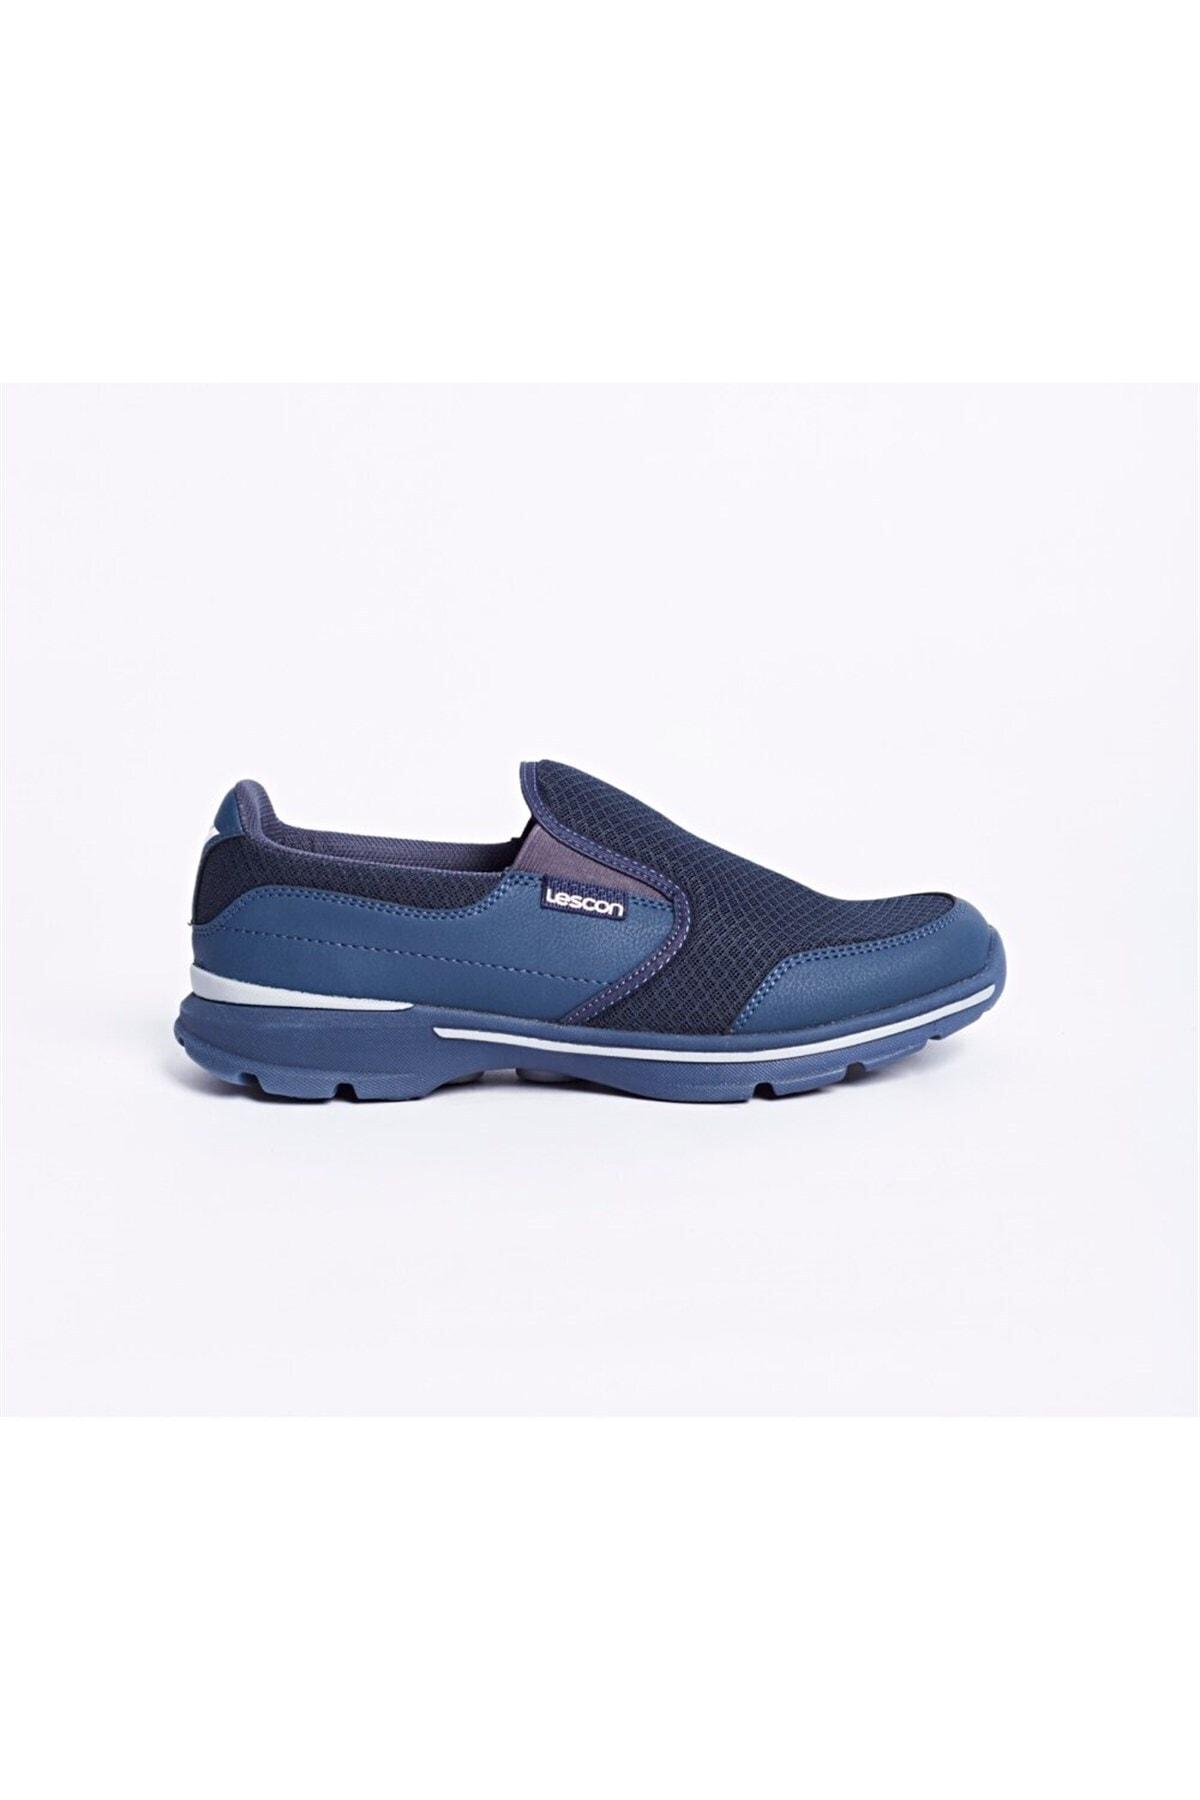 Lescon Kadın Lacivert Outdoor Ayakkabı L-4650 1